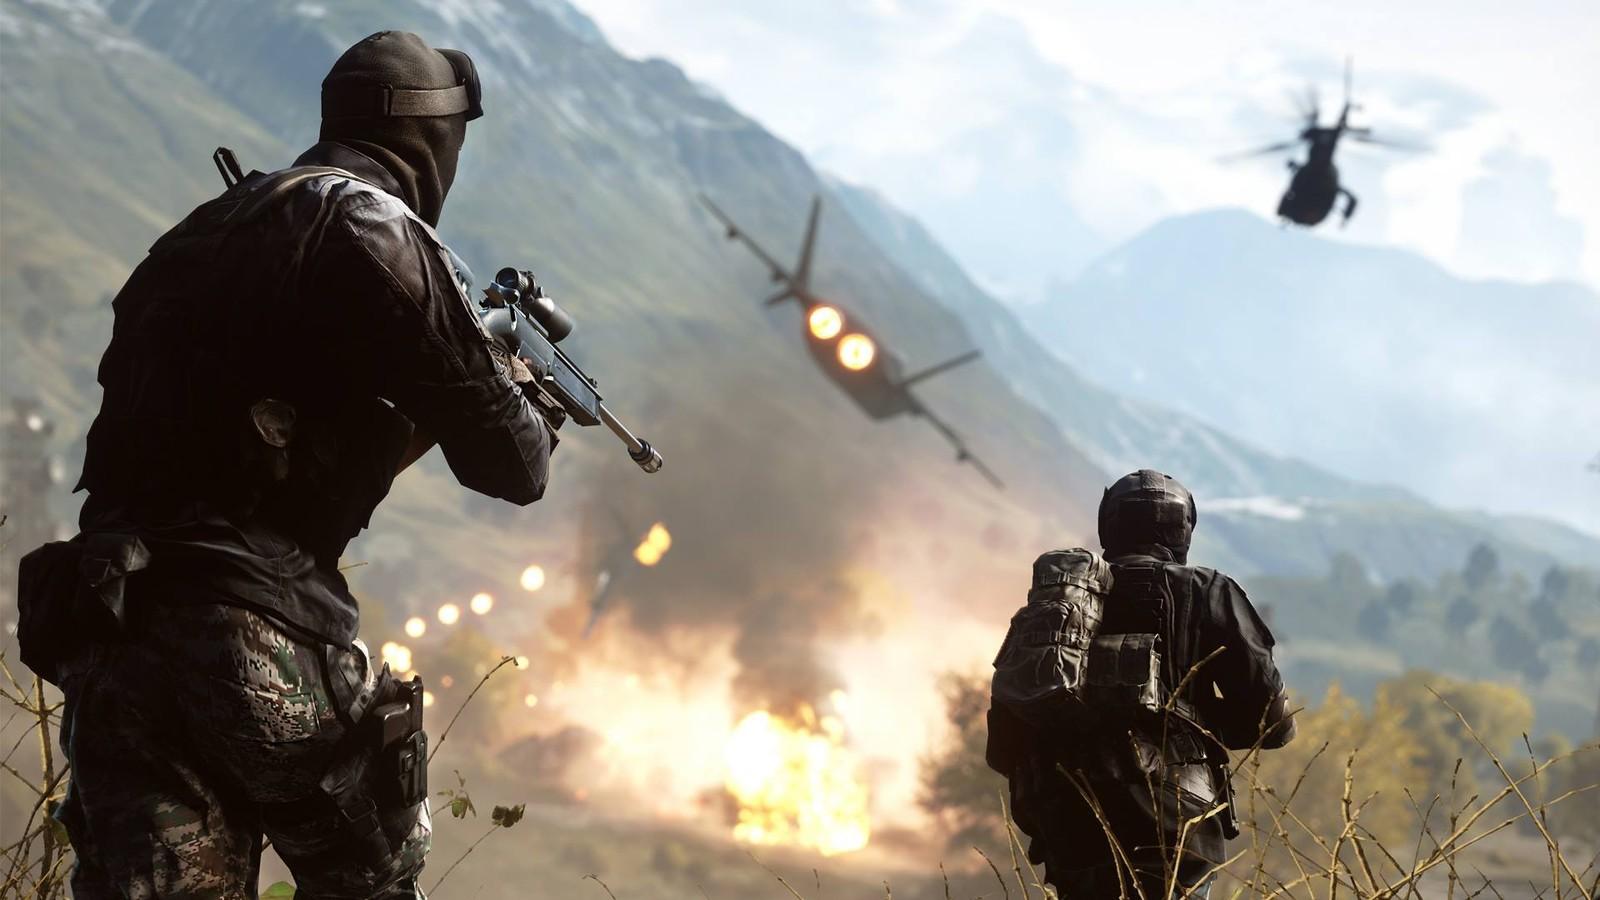 Questo trailer di Battlefield è stato girato interamente usando giocatori reali ignari thumbnail